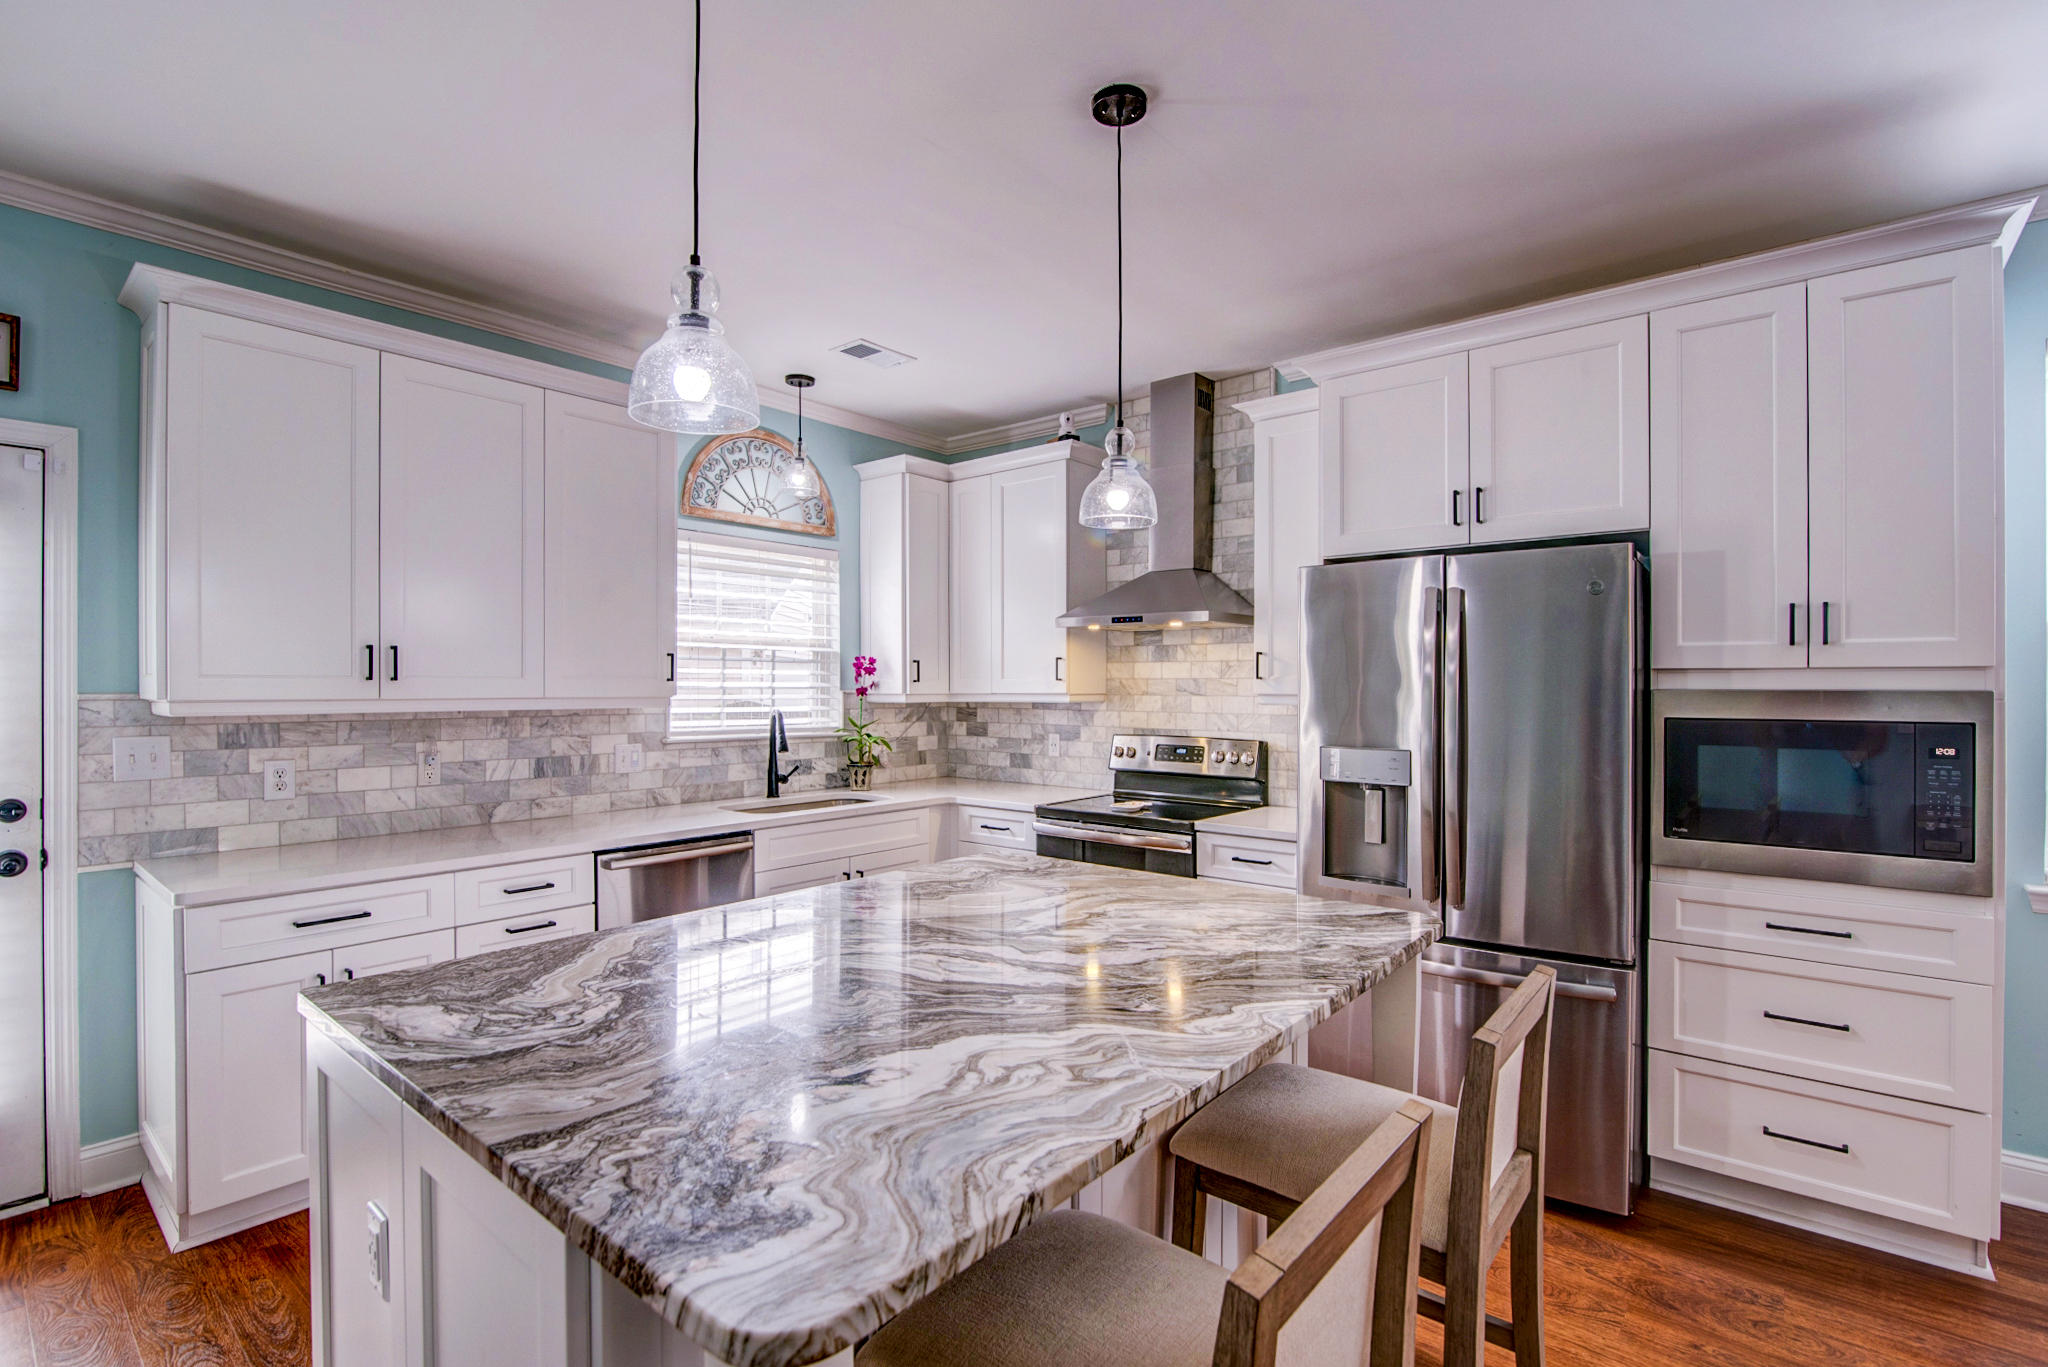 Jamestowne Village Homes For Sale - 1480 Swamp Fox, Charleston, SC - 9